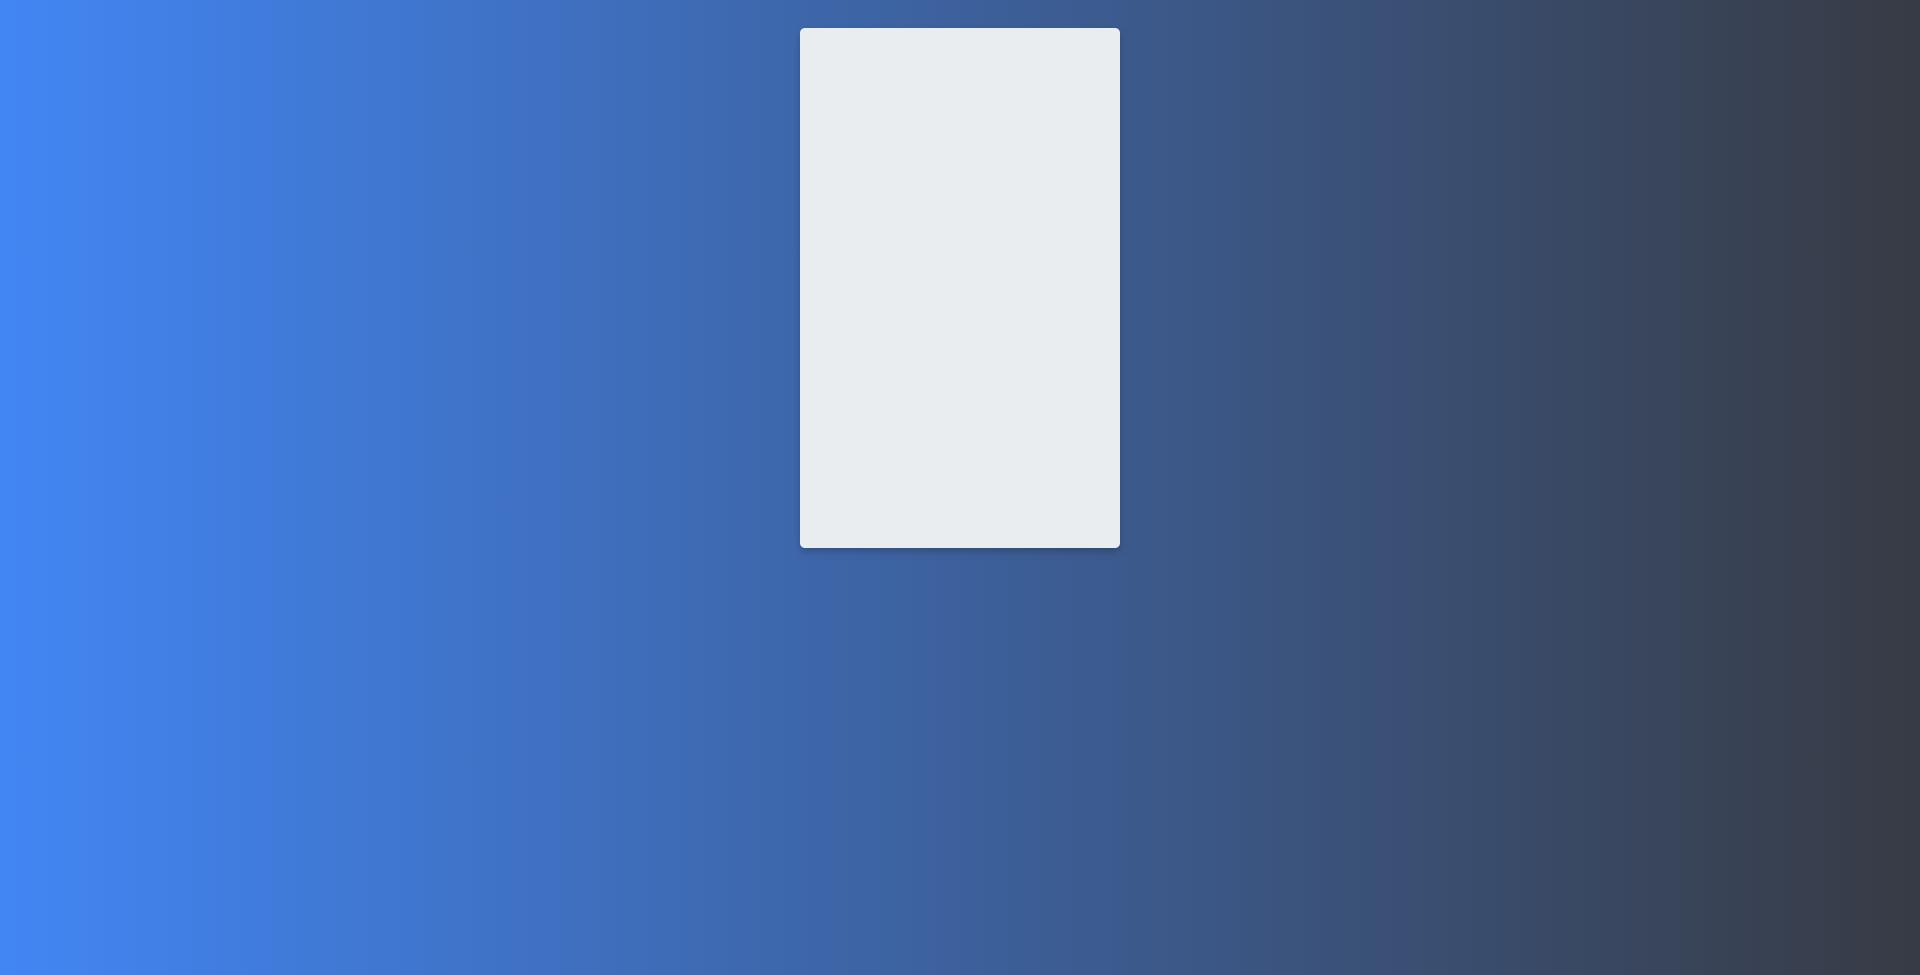 Hình Ảnh Code Máy Tính Bỏ Túi